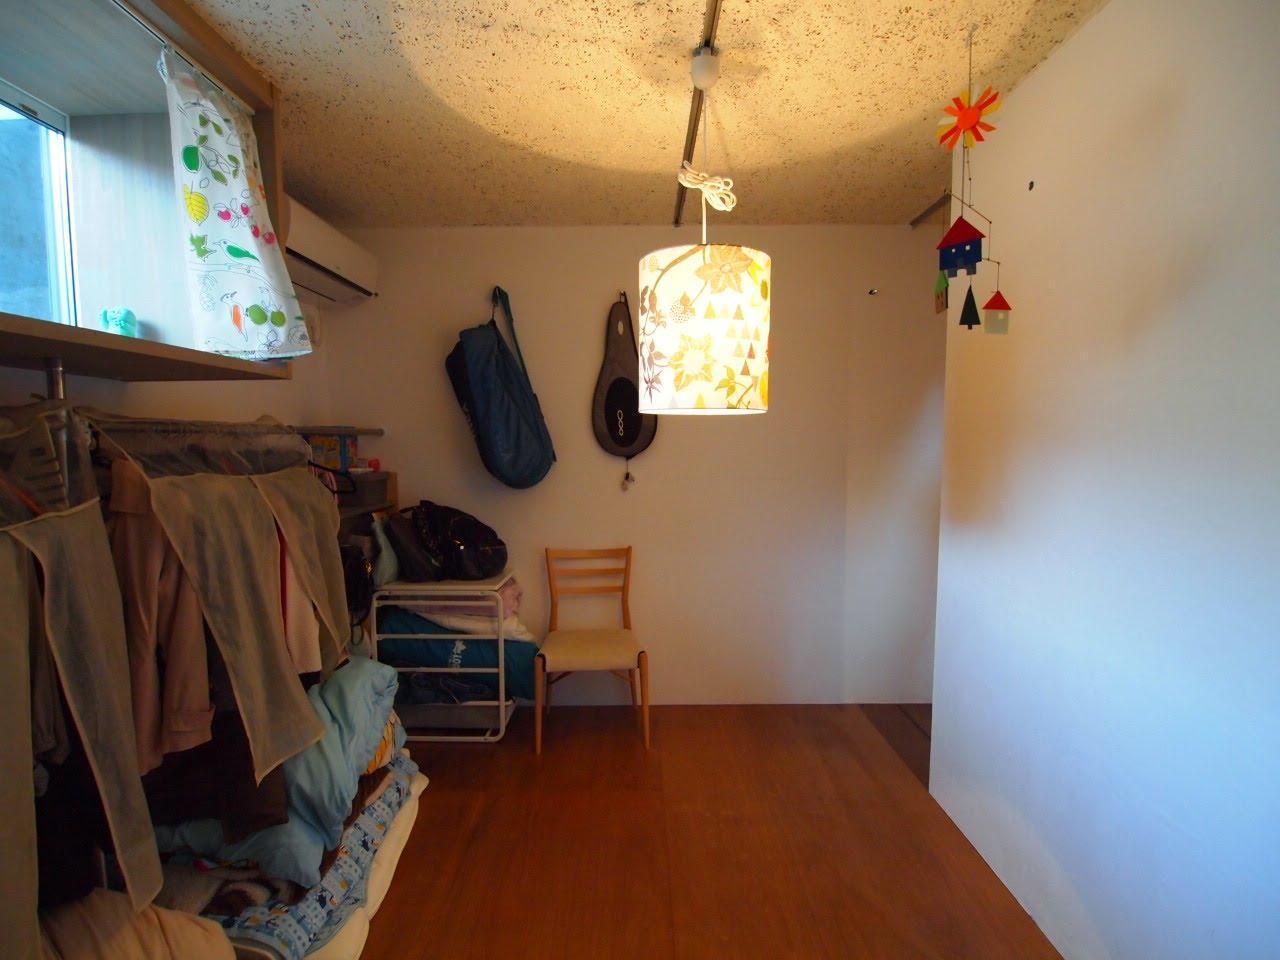 地下の部屋の壁は、漆喰の仕上げ。湿気の対策がされている